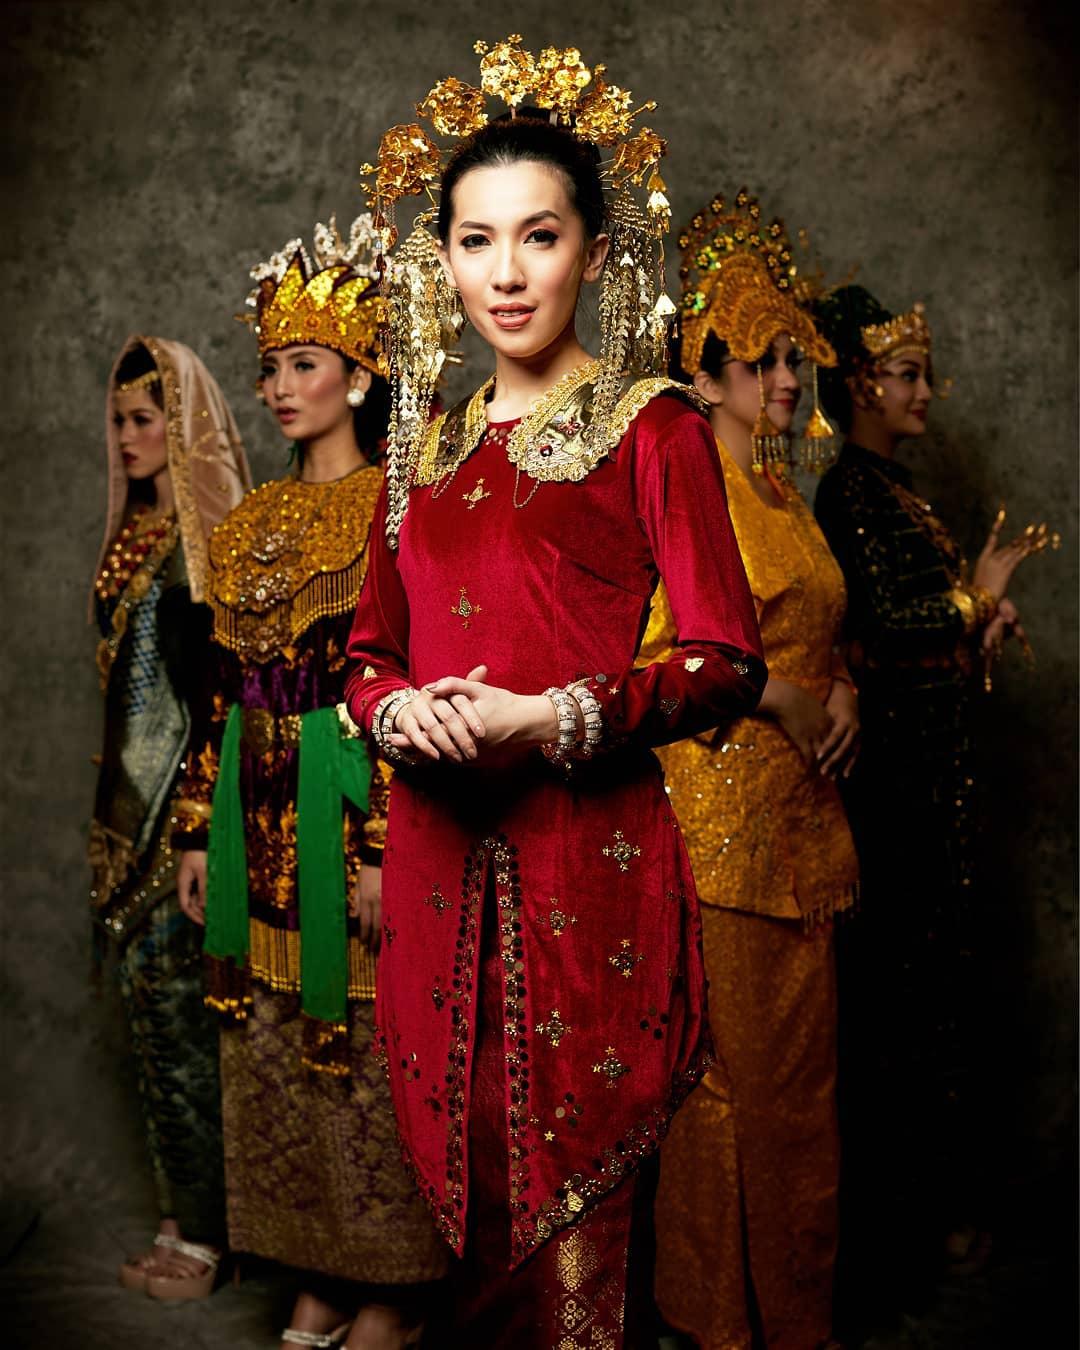 Baju adat Indonesia - Finalis Puteri Indonesia asal Bengkulu